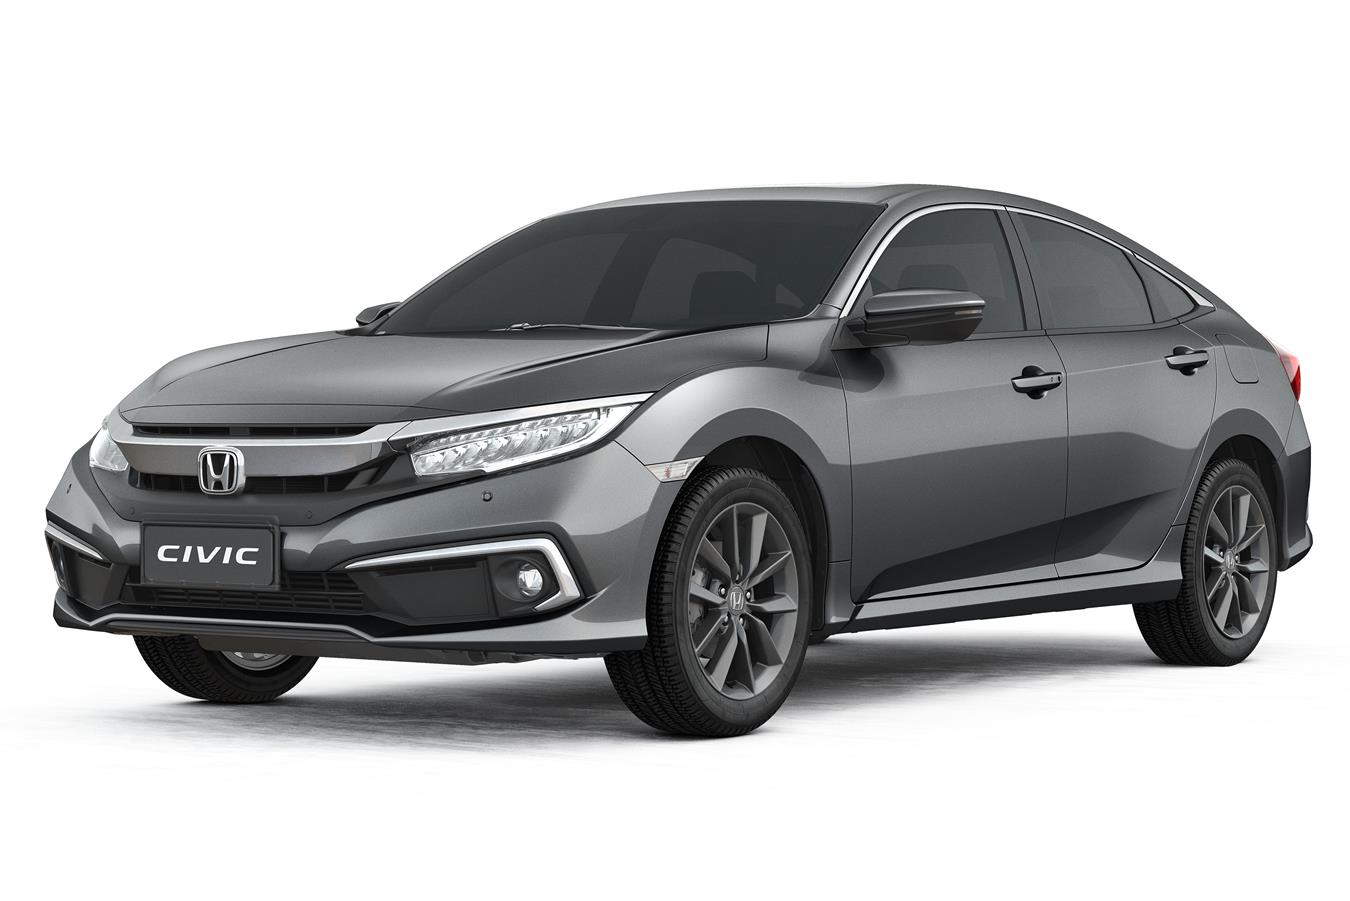 Honda Civic 2021 Esta Mais Equipado E Ate R 5 300 Mais Caro Quatro Rodas